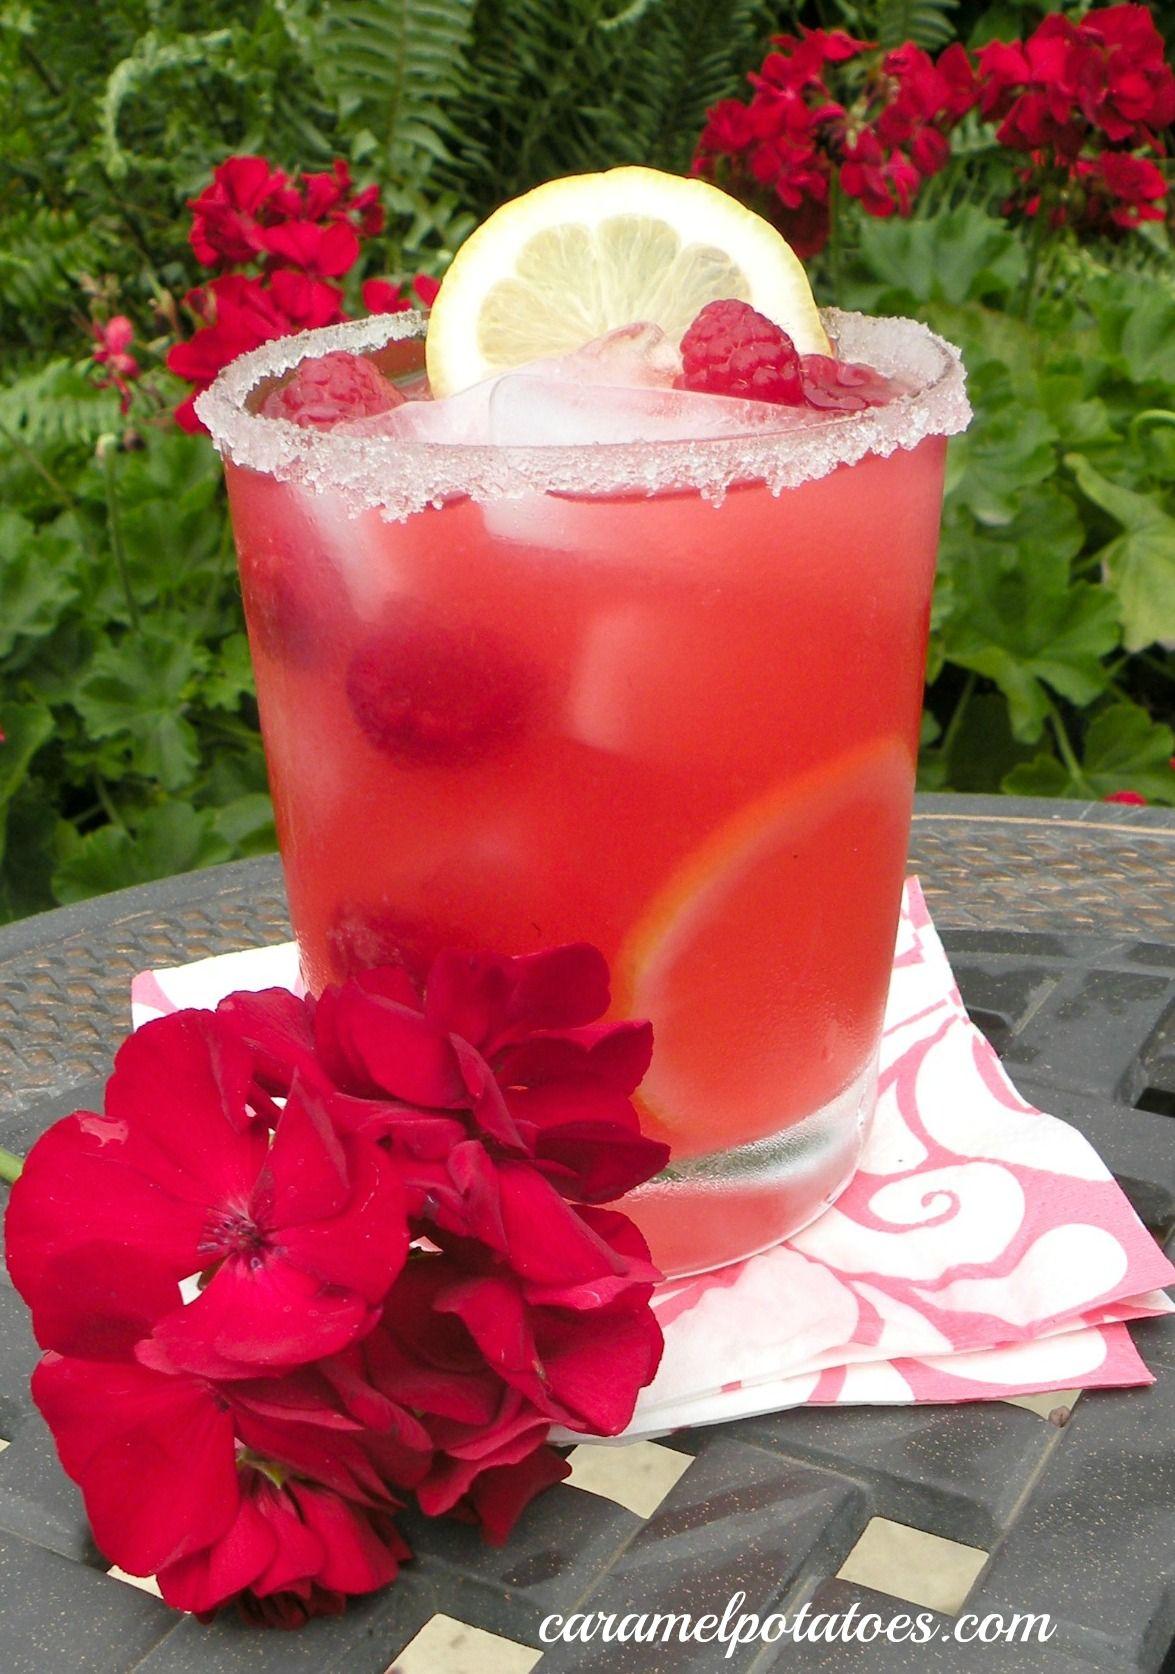 Raspberry Lemonade great for summer chillin